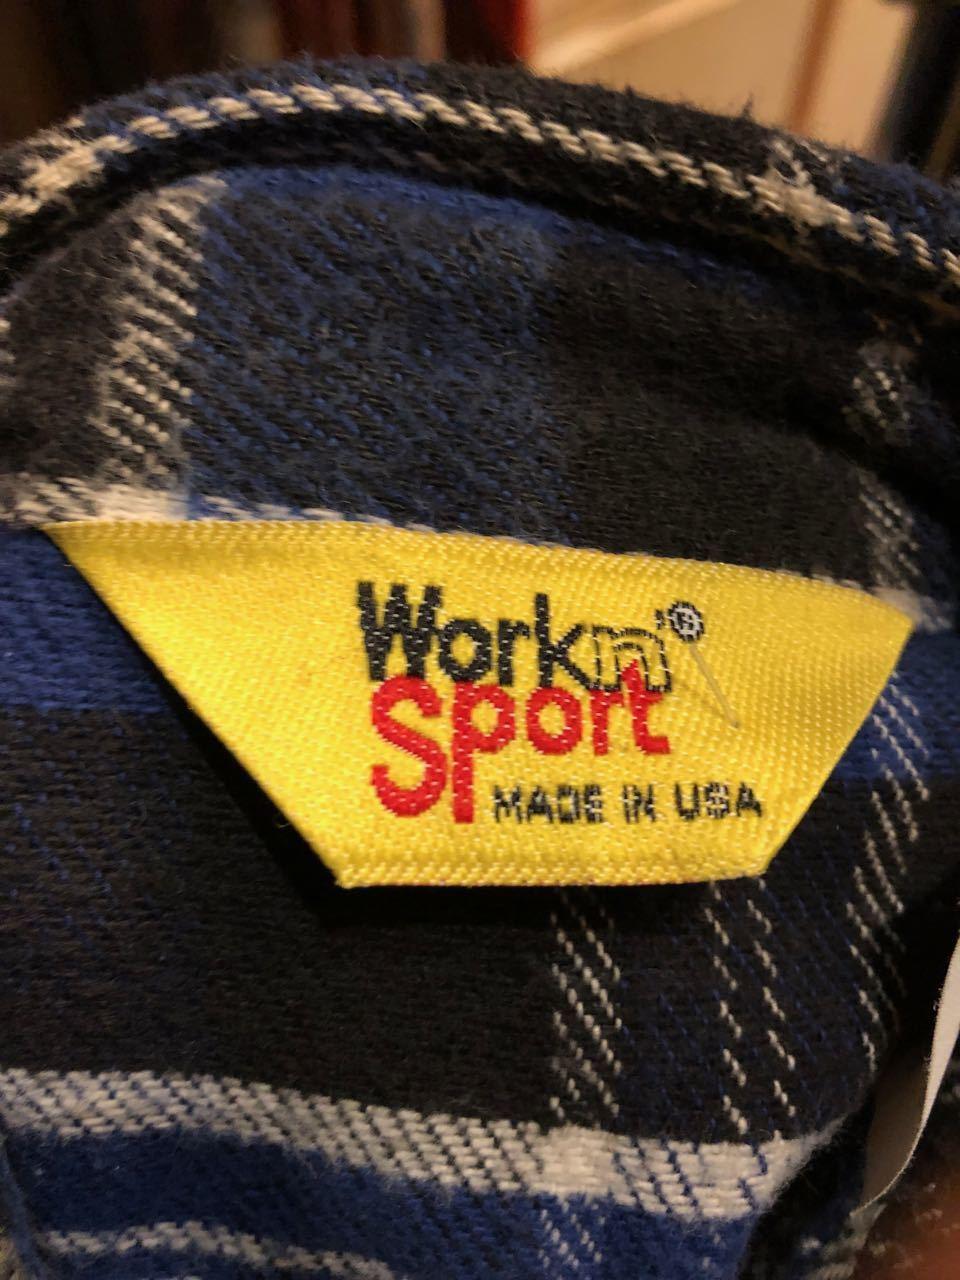 12/24入荷!80s WORK SPOT MADE IN U.S.A ヘビーネルシャツ! _c0144020_18554740.jpg